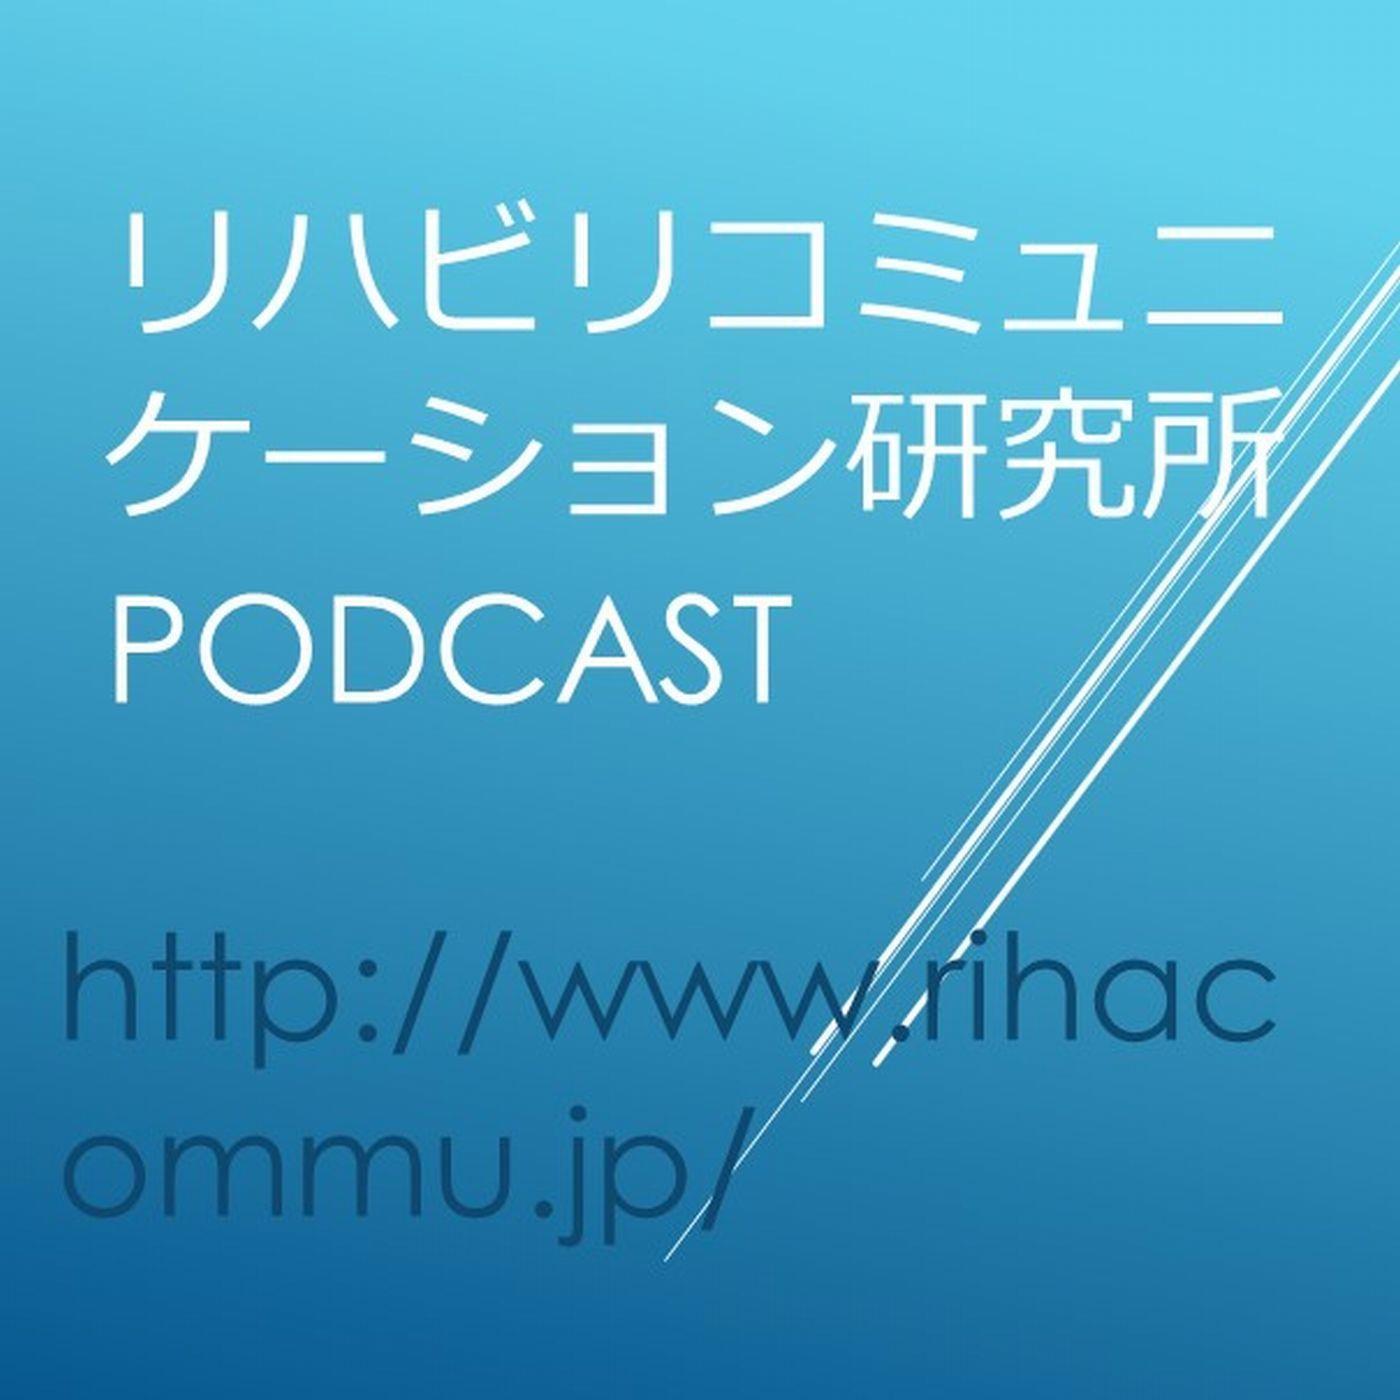 リハビリコミュニケーション研究所podcast